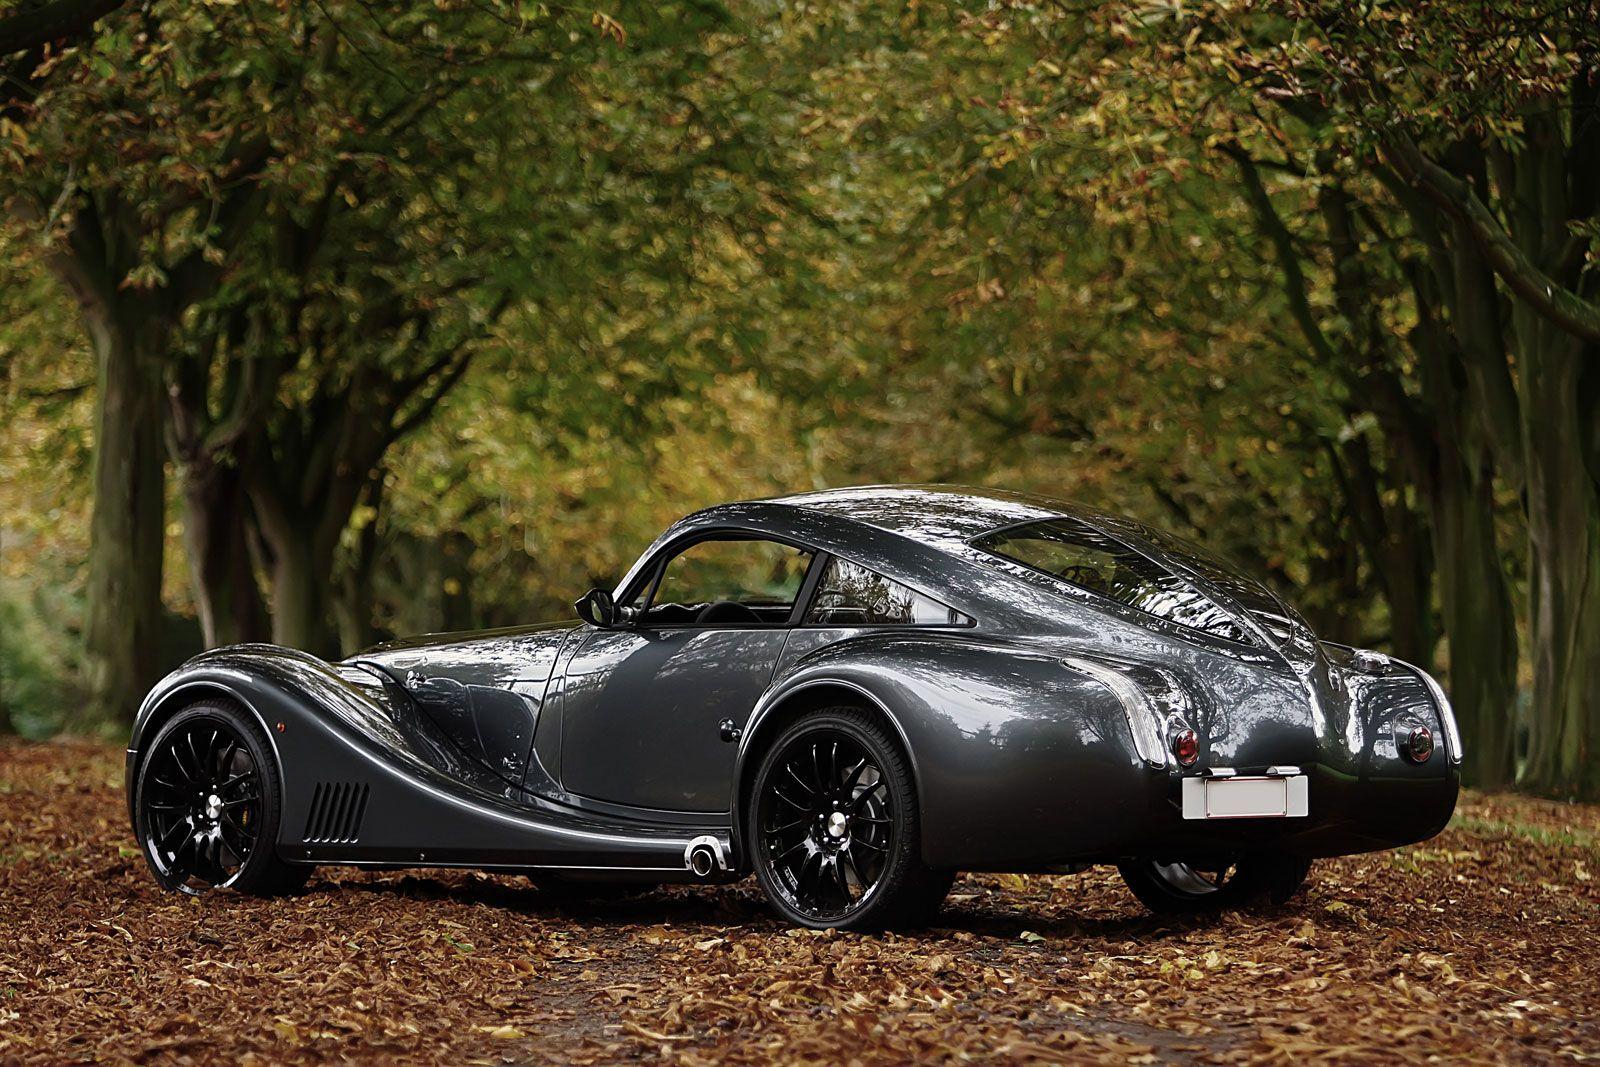 Mobil Klasik Mobil Impian Mobil